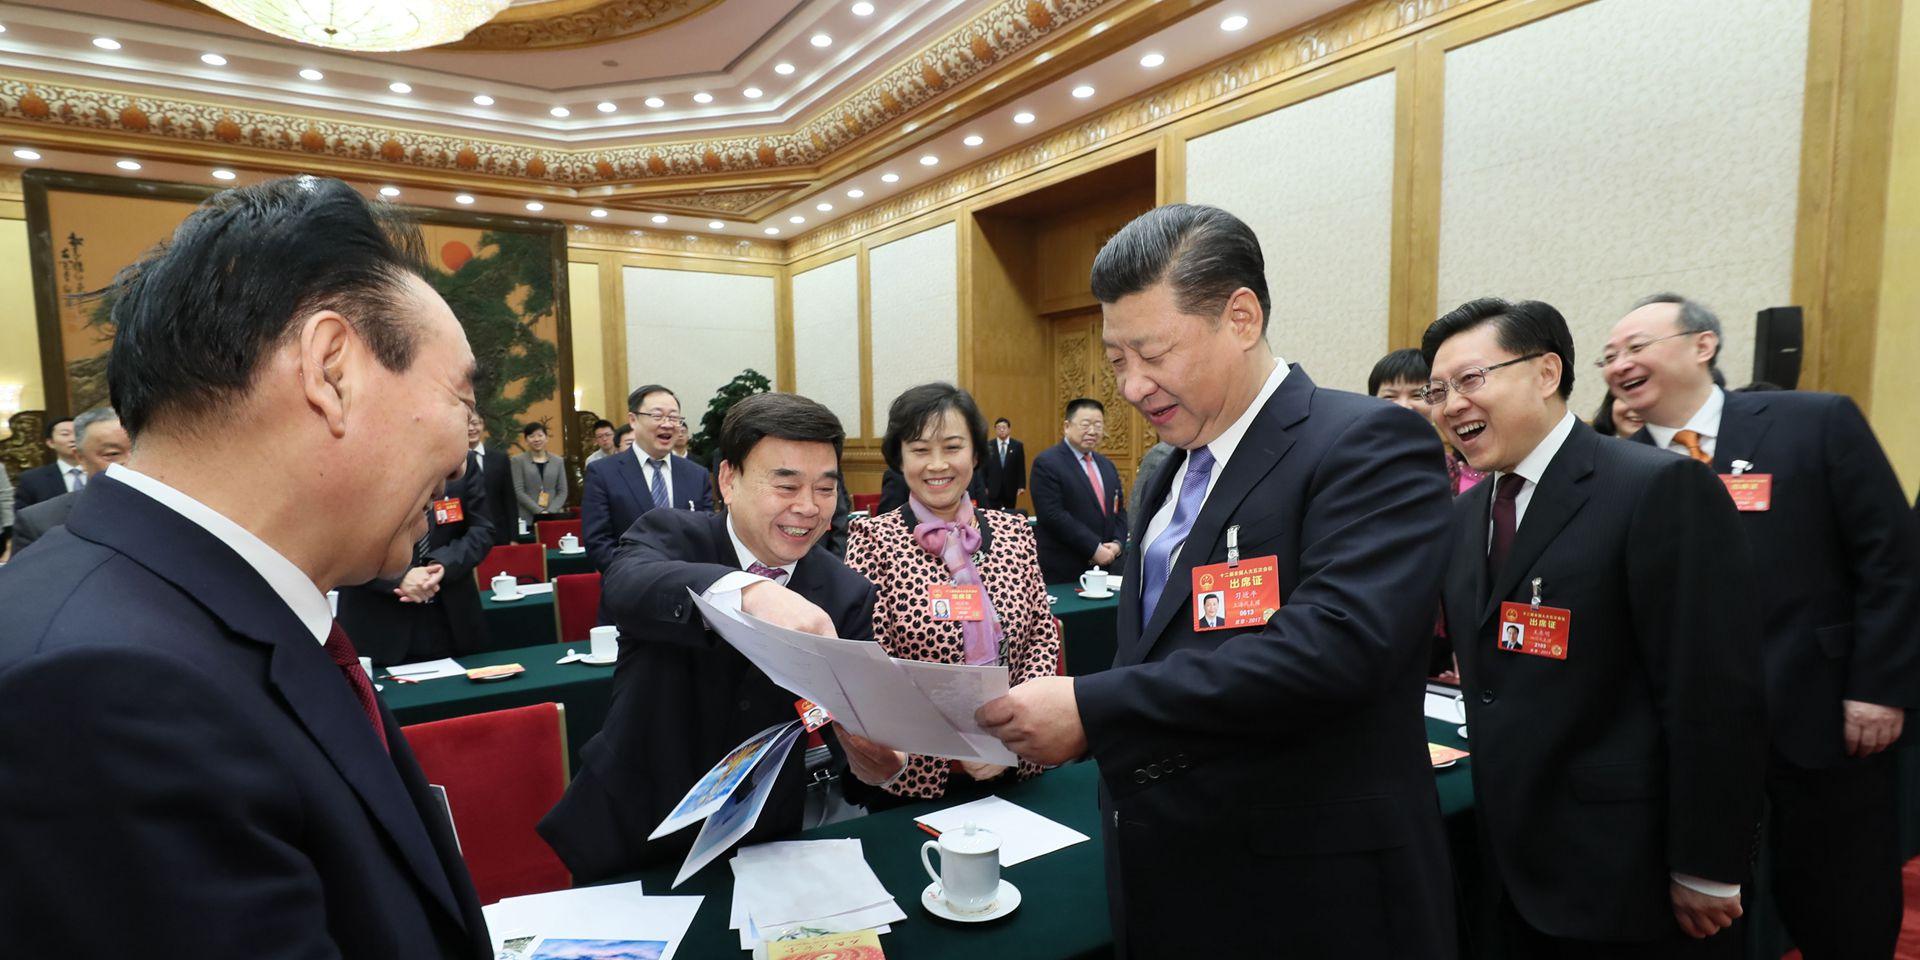 中国的饭碗一定要端在自己手里。